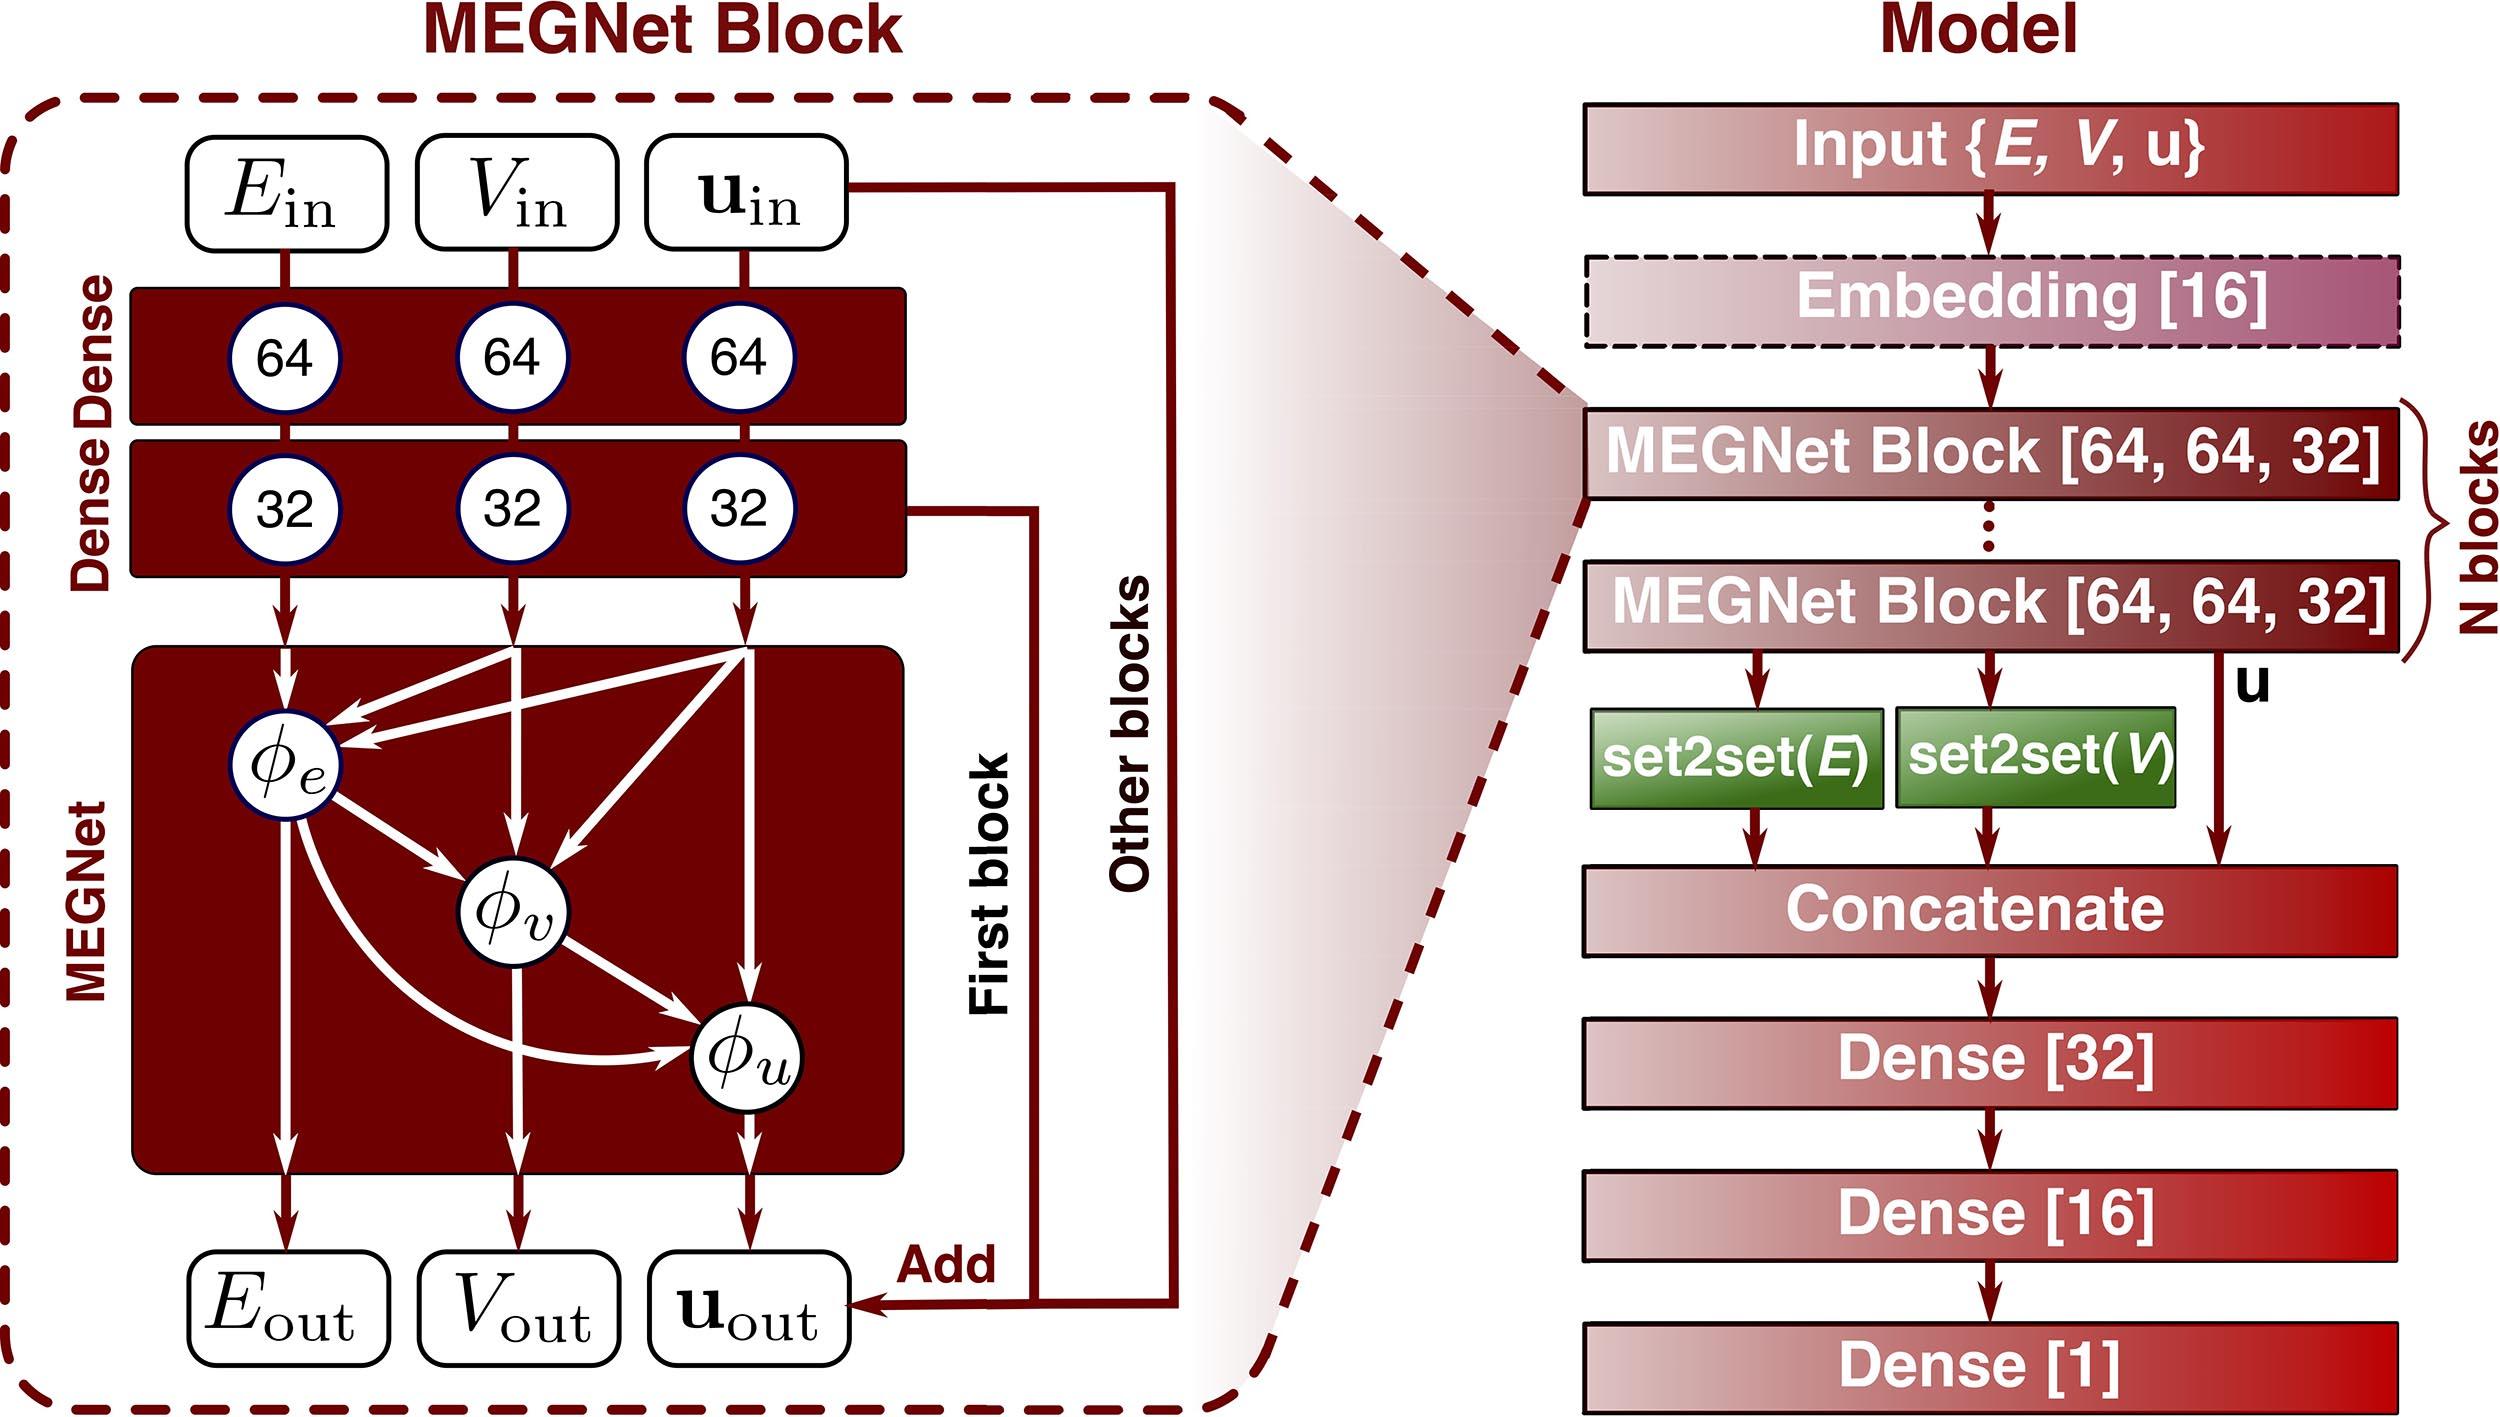 GraphModel architecture